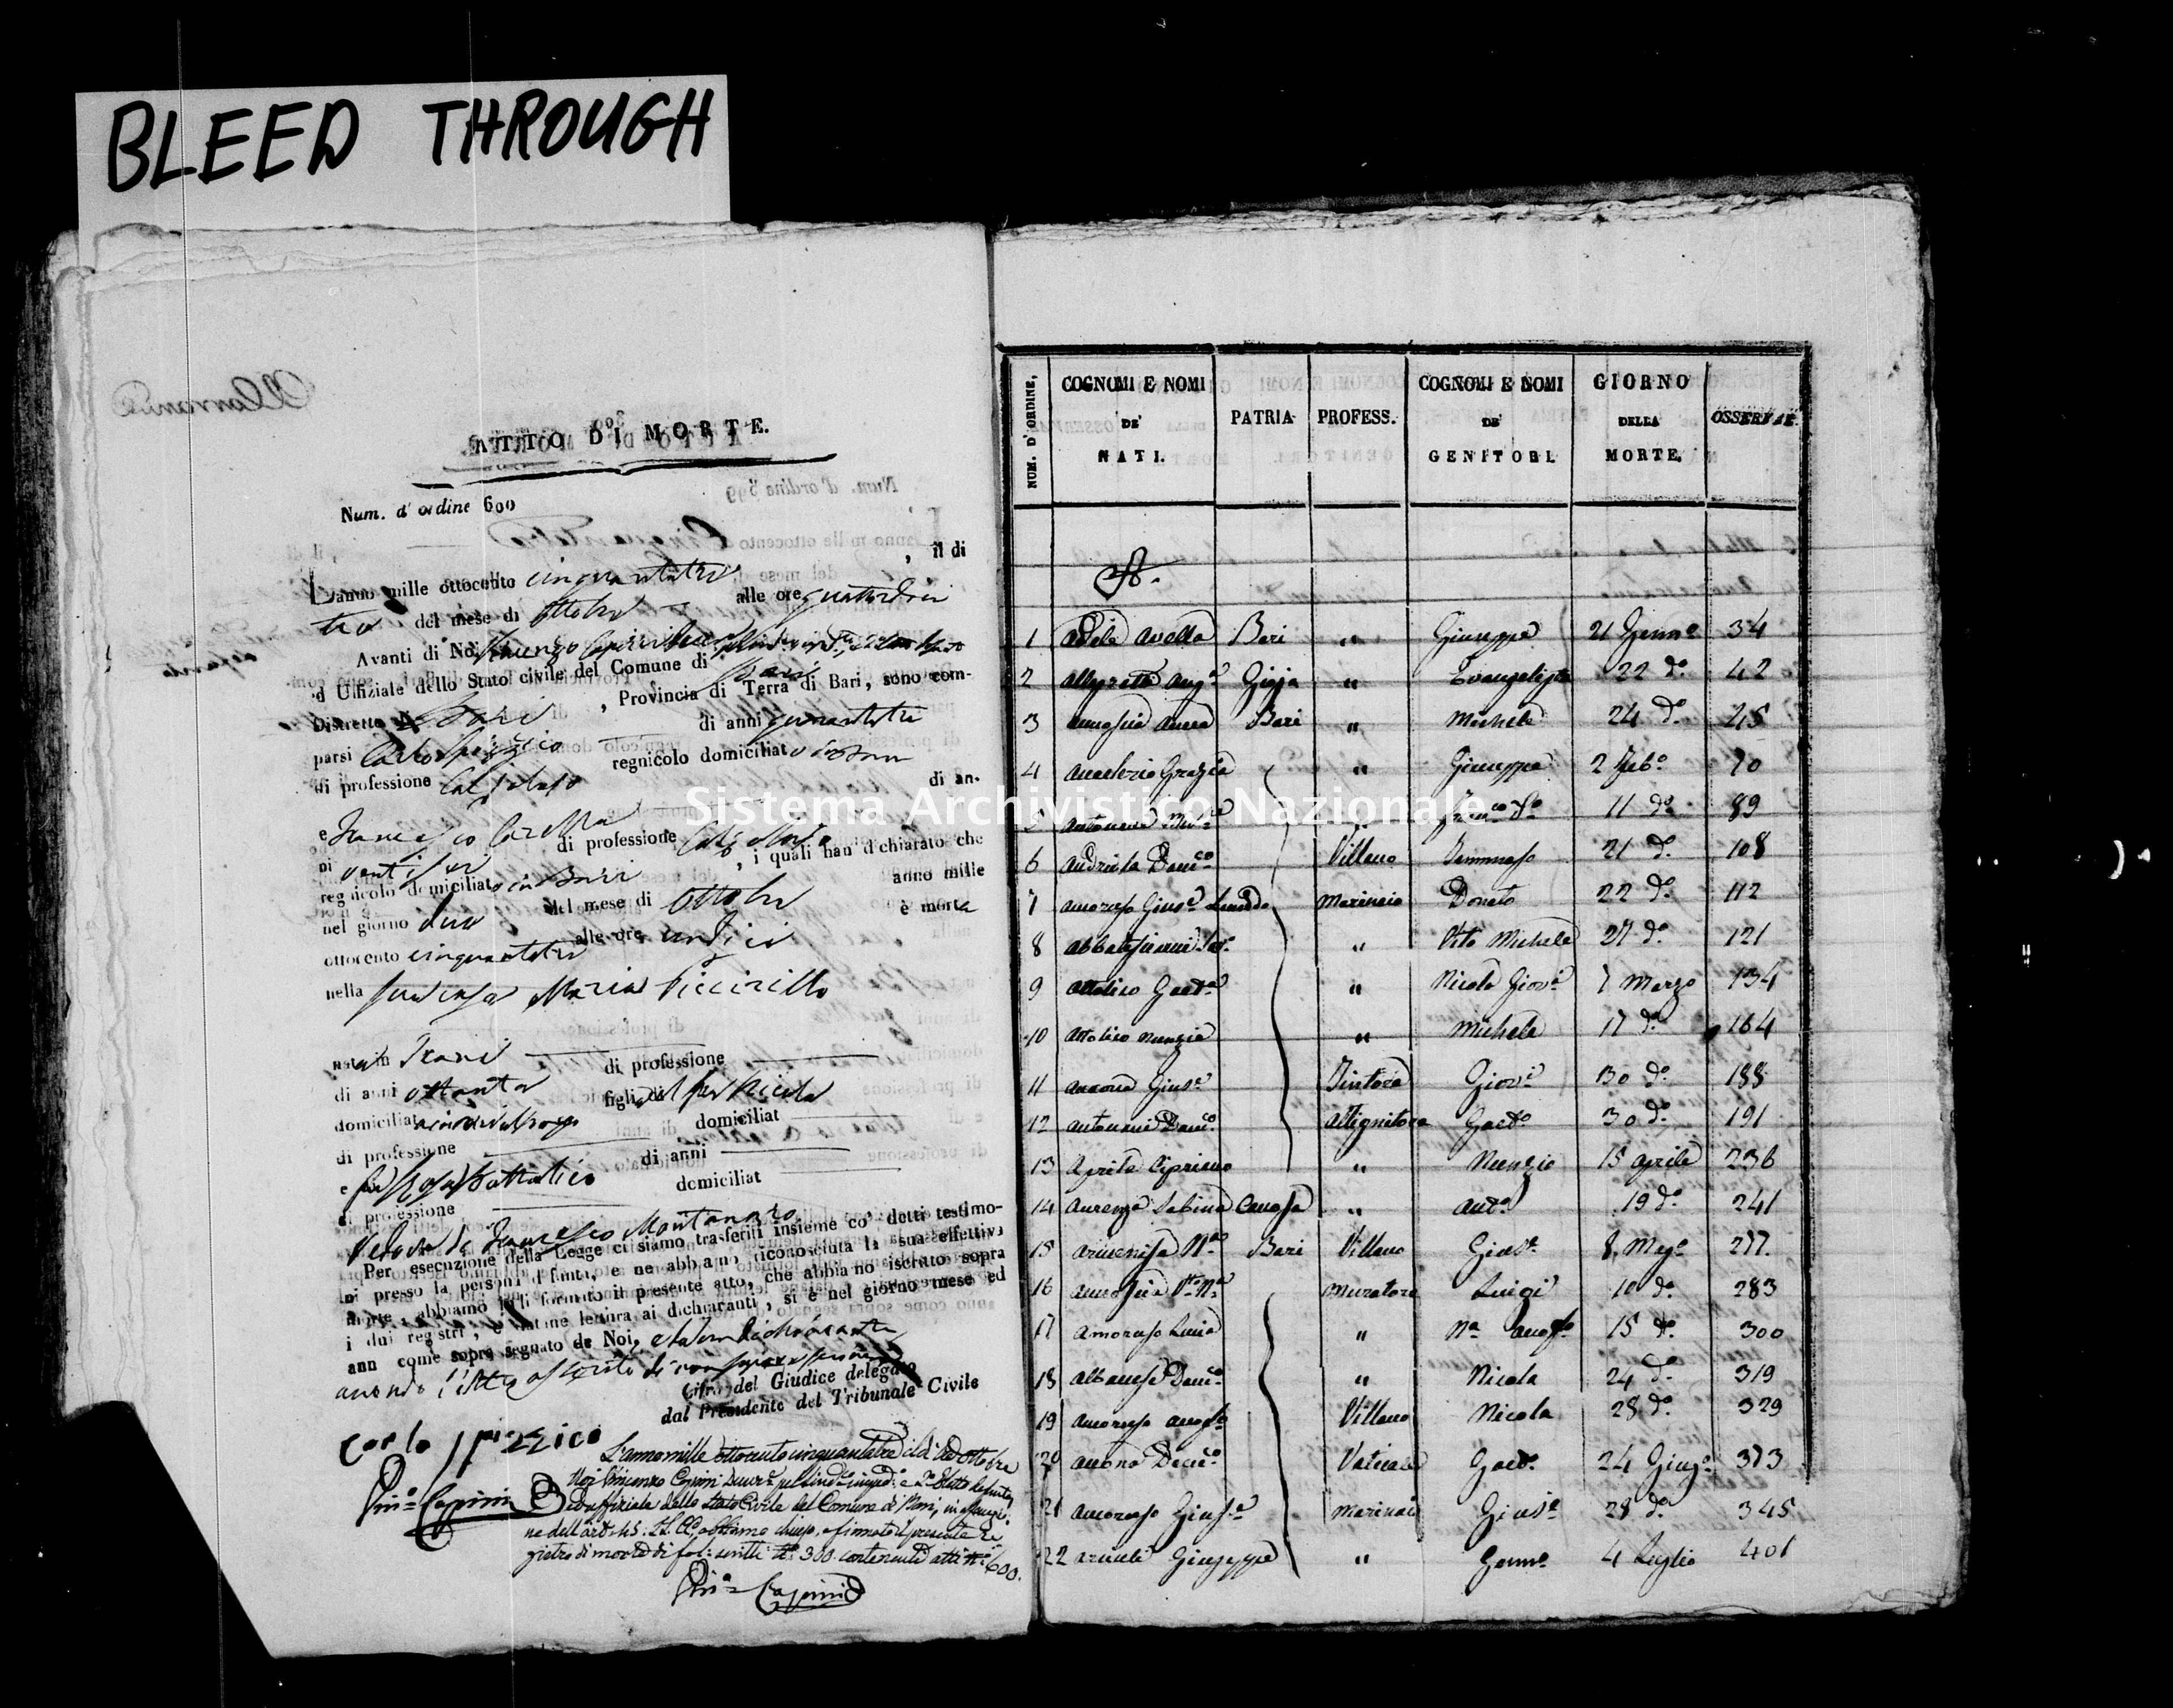 Archivio di stato di Bari - Stato civile della restaurazione - Bari - Morti, indice - 1853 -